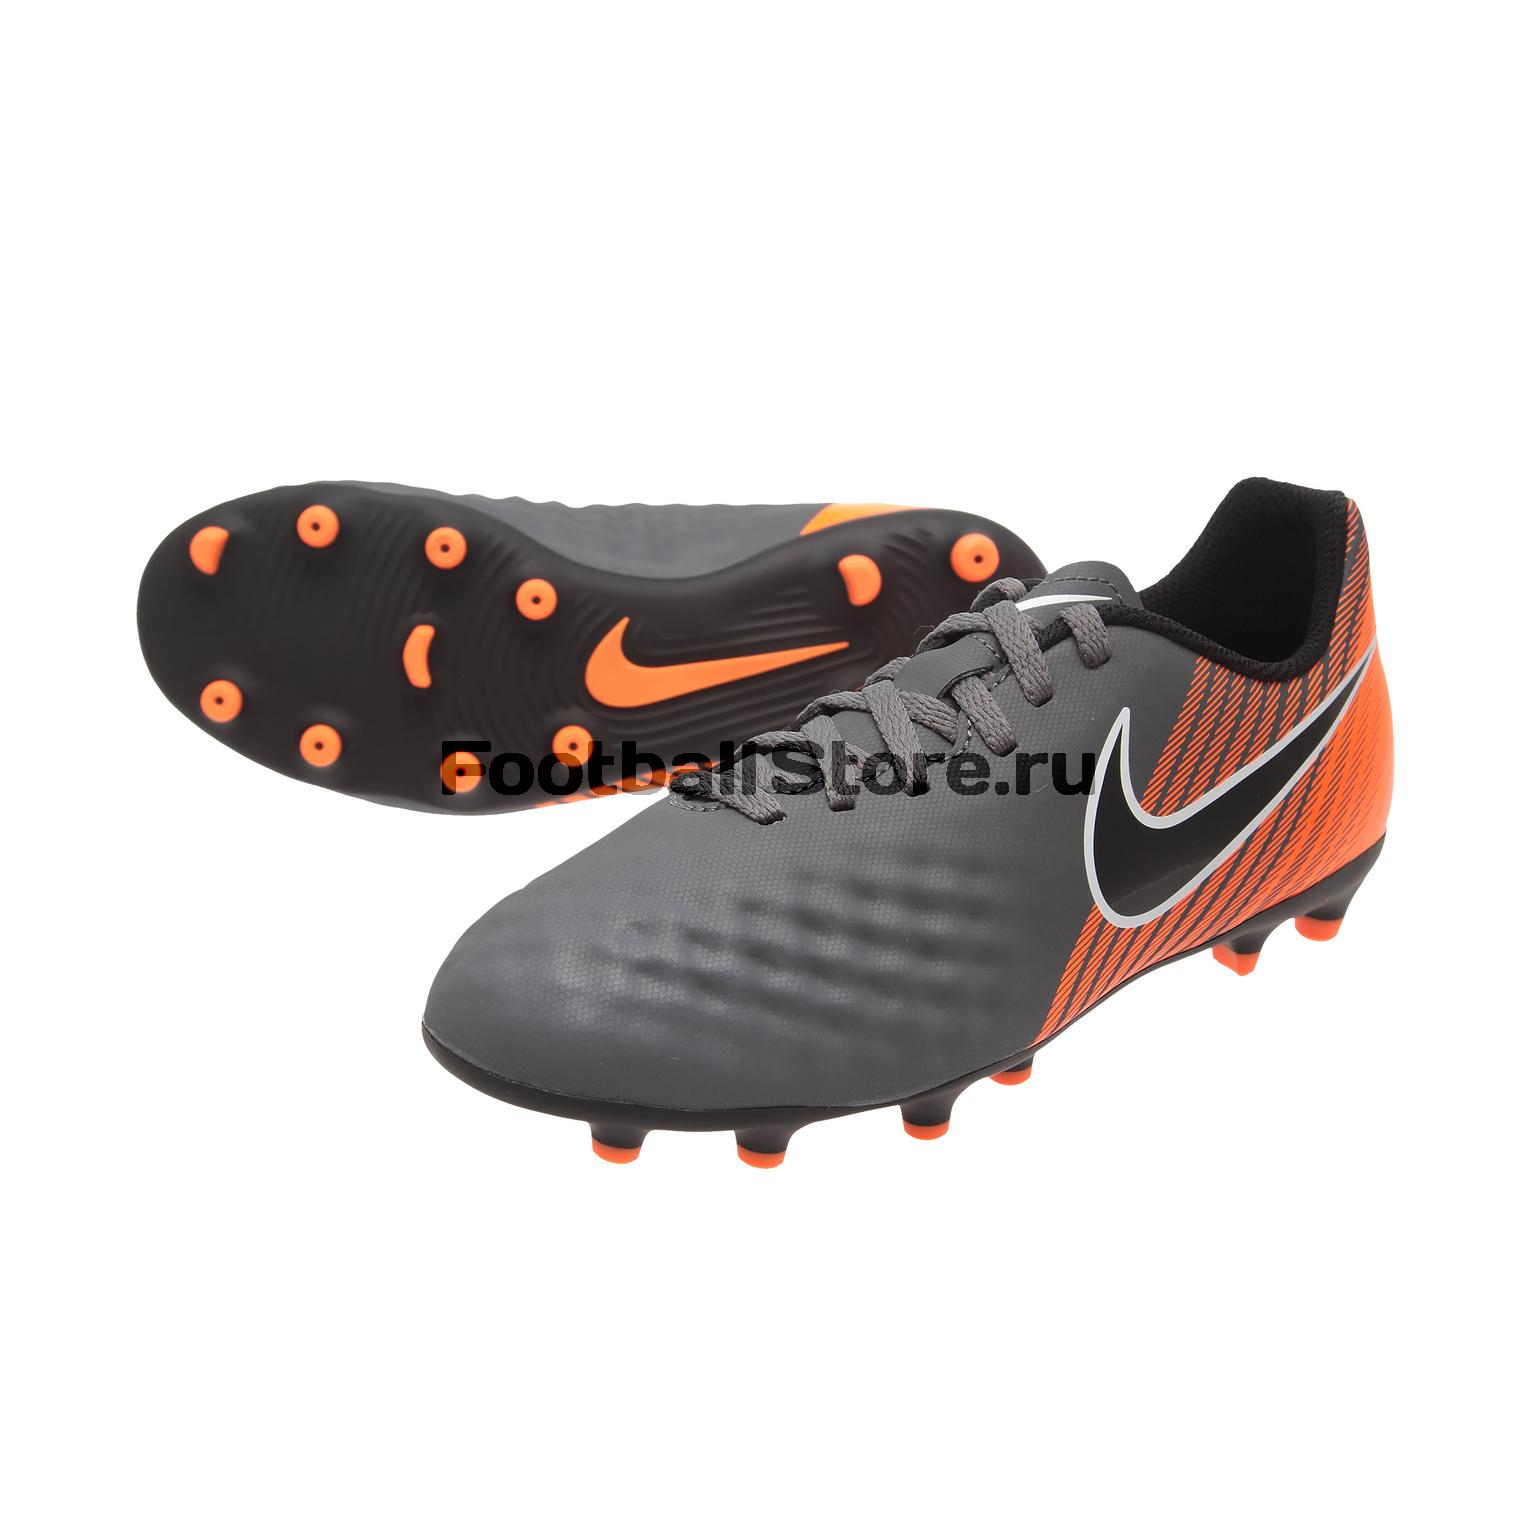 Бутсы Nike JR Obra 2 Club FG AH7314-080 бутсы футбольные nike obra ii elite df fg ah7301 080 sr чер оранж